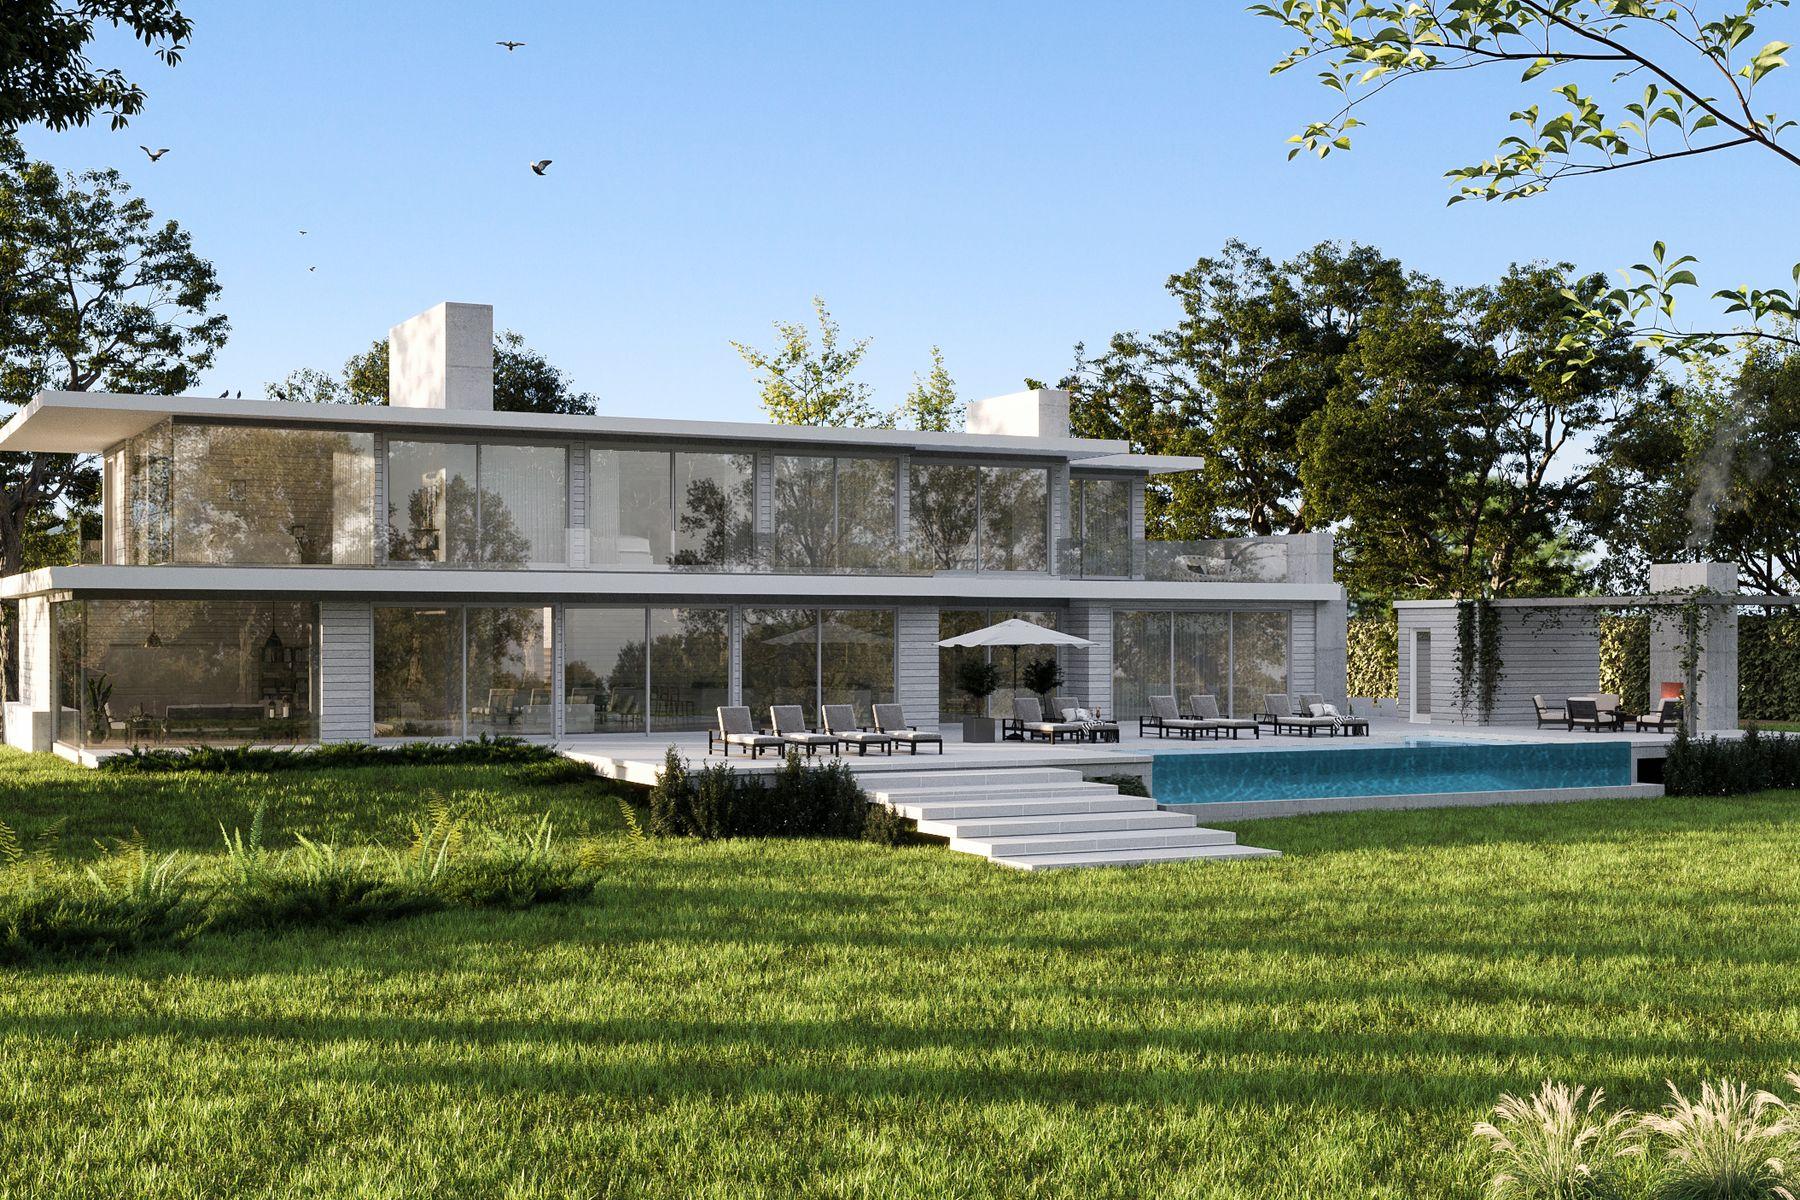 Single Family Homes für Verkauf beim SAGAPONACK NEW WATERFRONT DAVINCI HAUS Sagaponack, New York 11962 Vereinigte Staaten